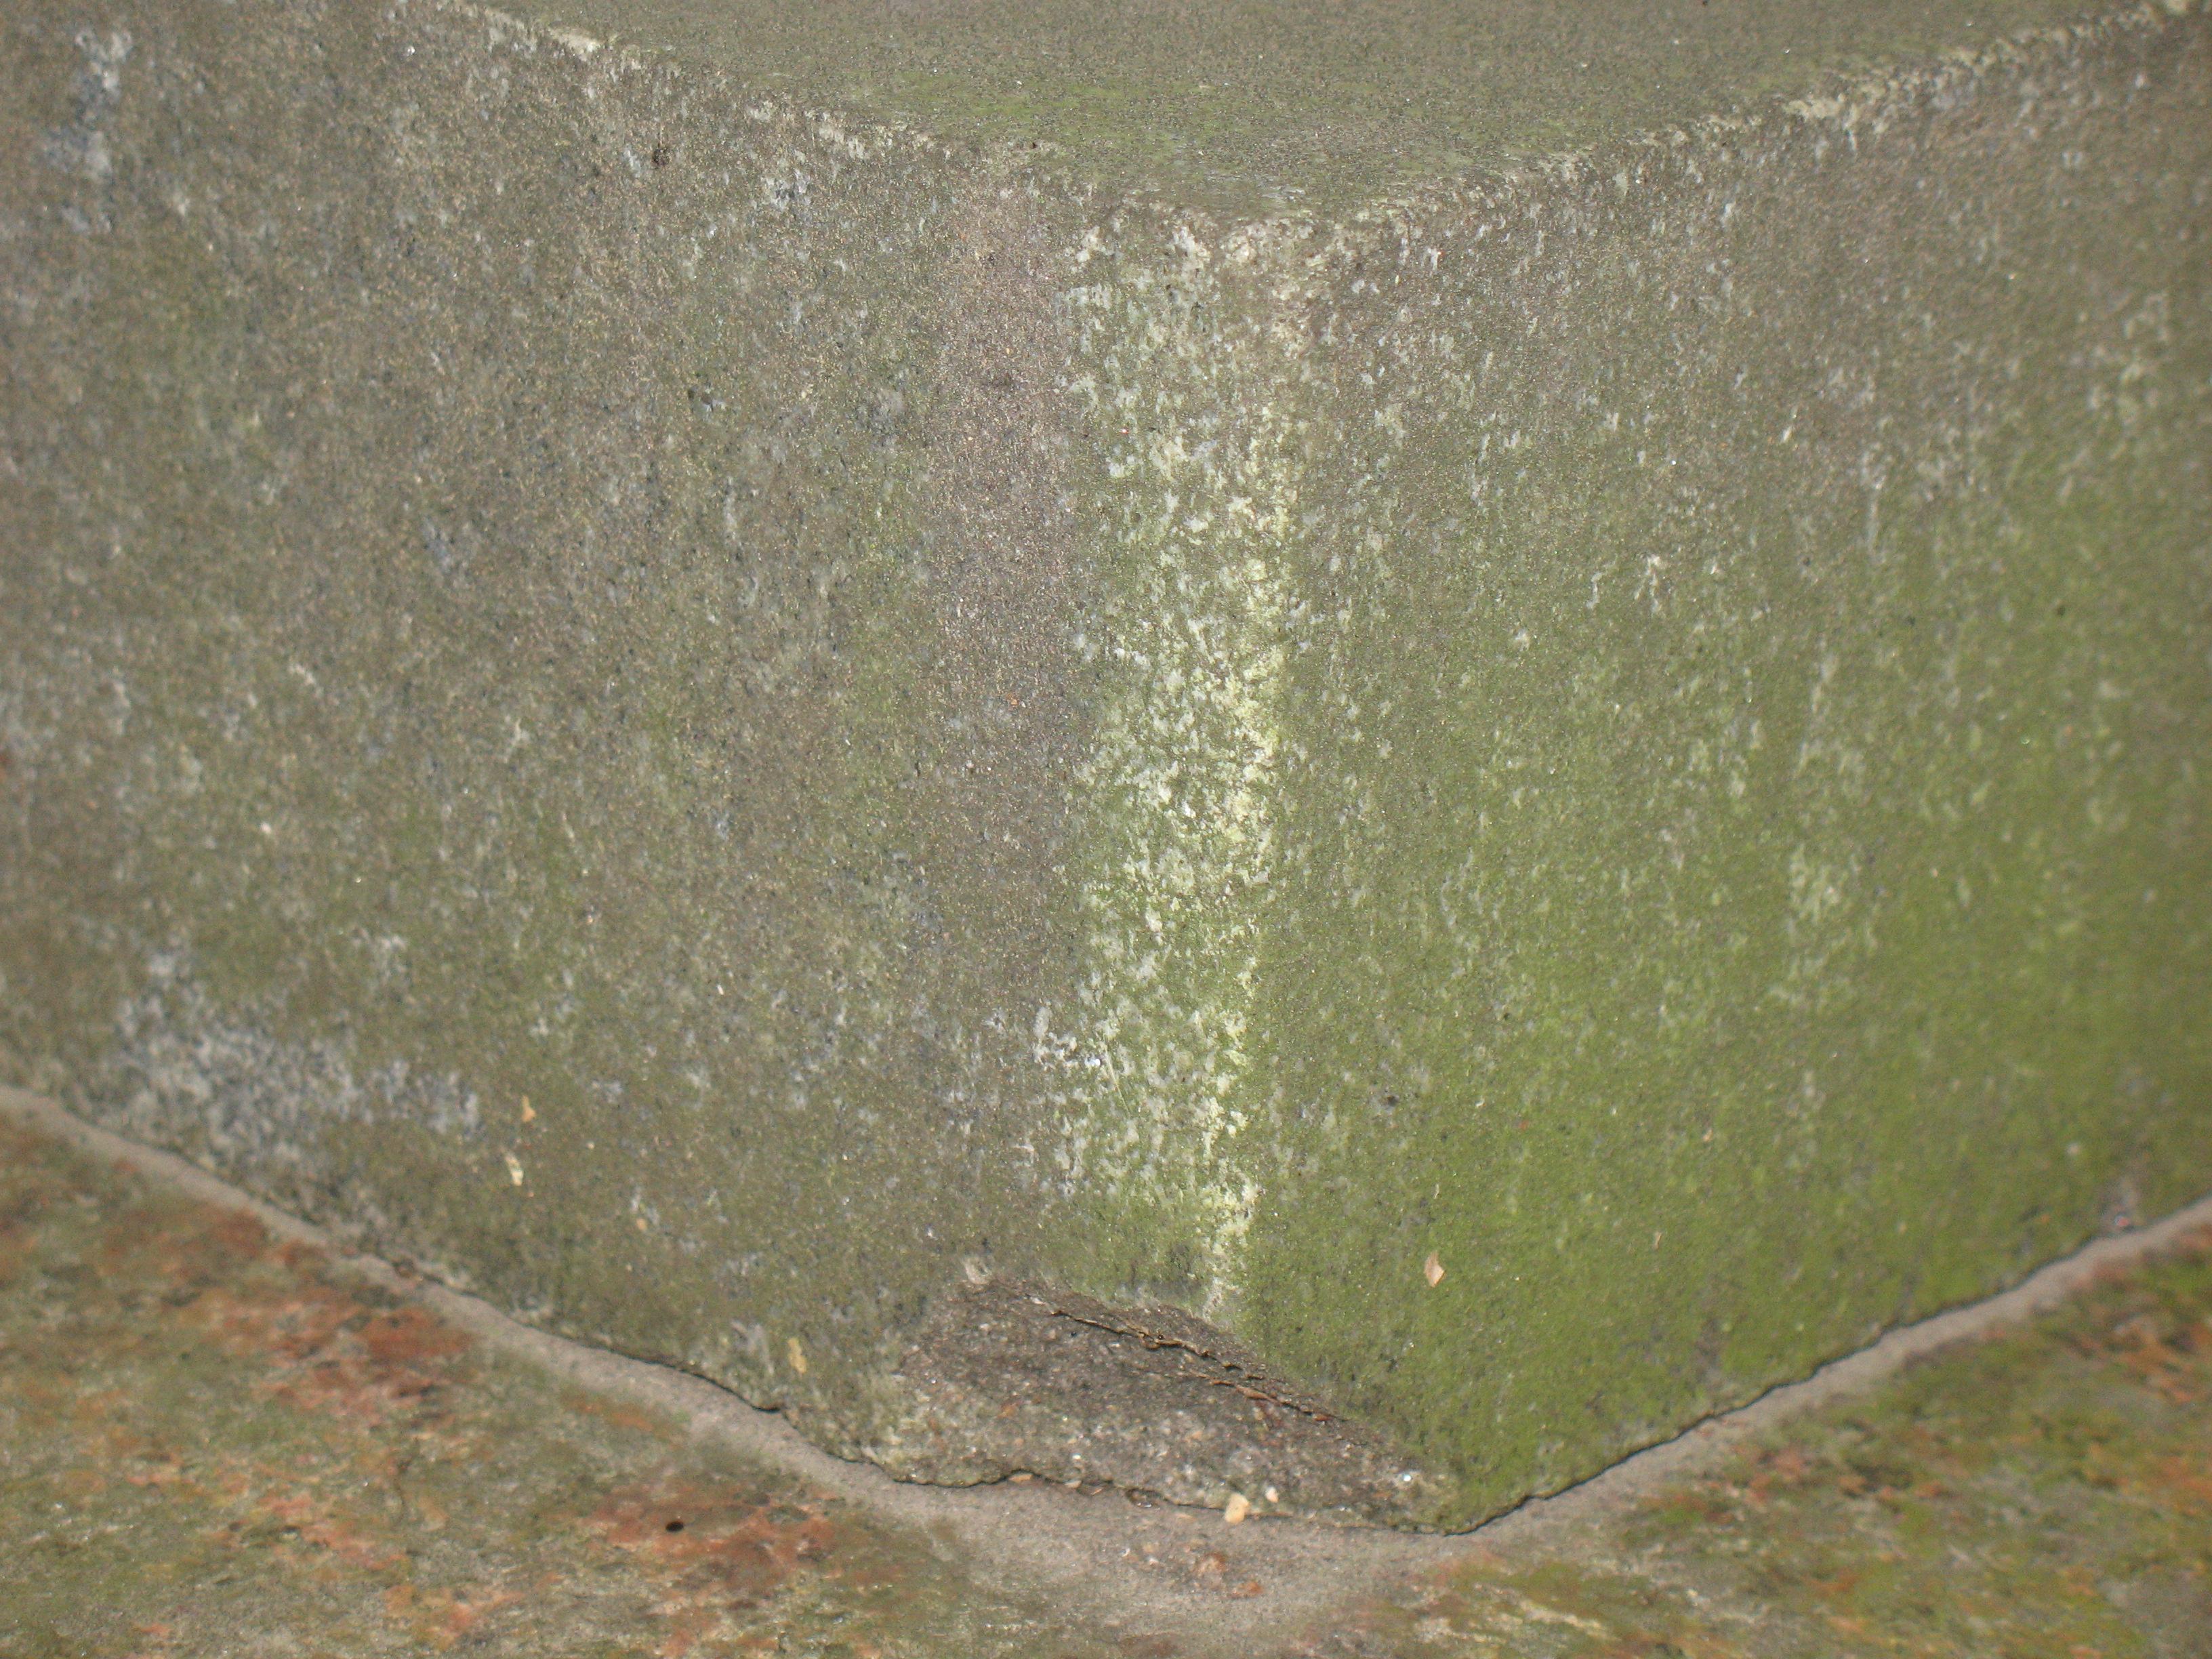 Налет водорослей на сером граните